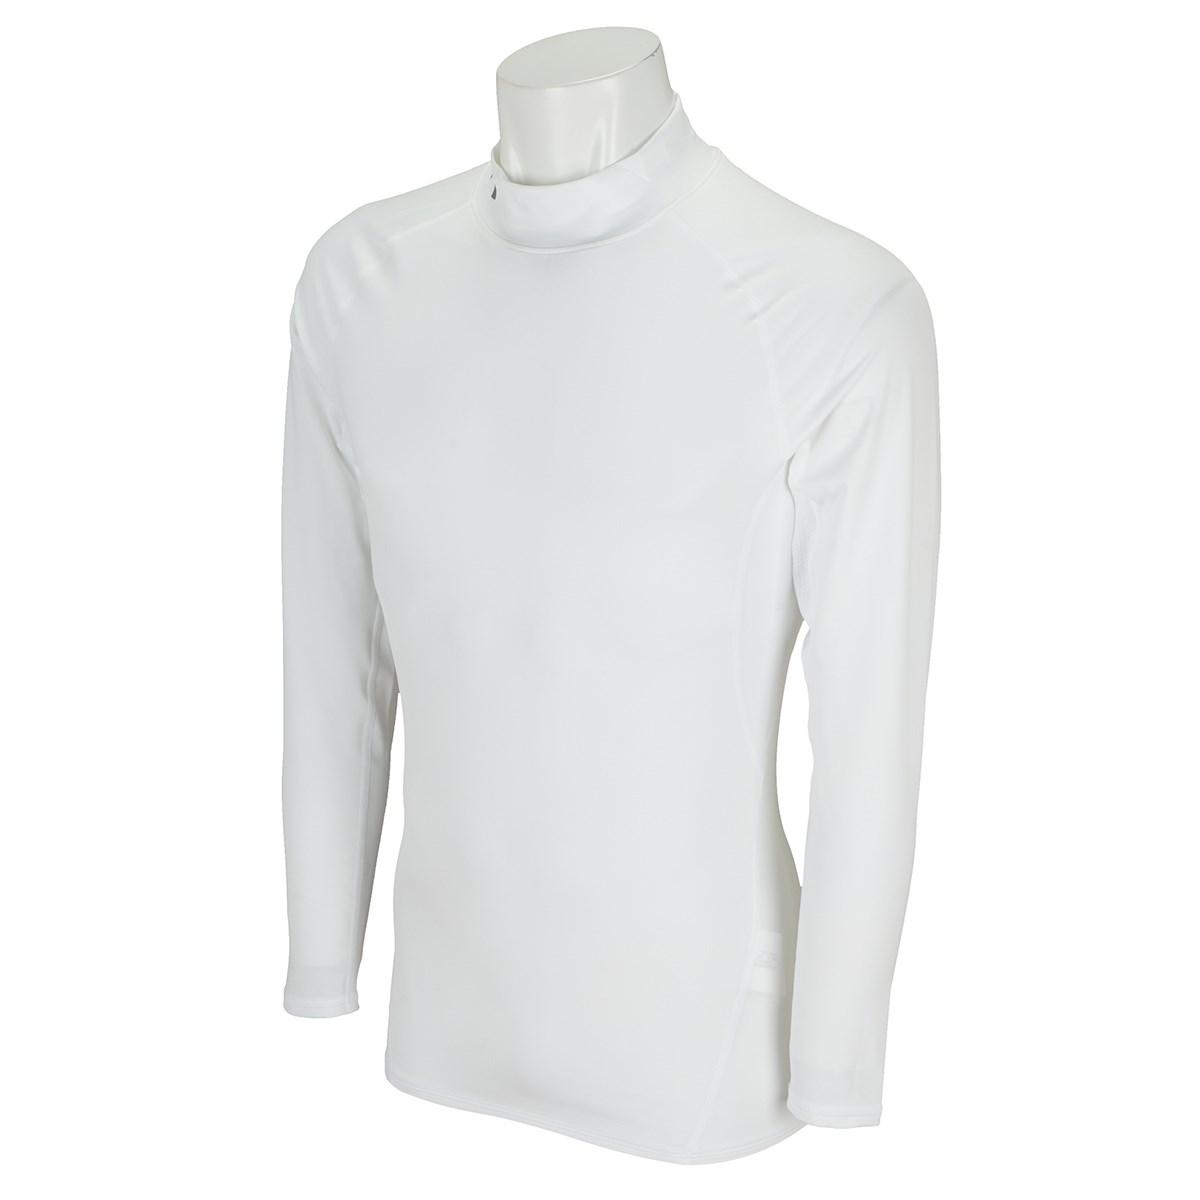 アンダーアーマー Under Armour UA HG アーマー長袖モックシャツ SM White/Graphite